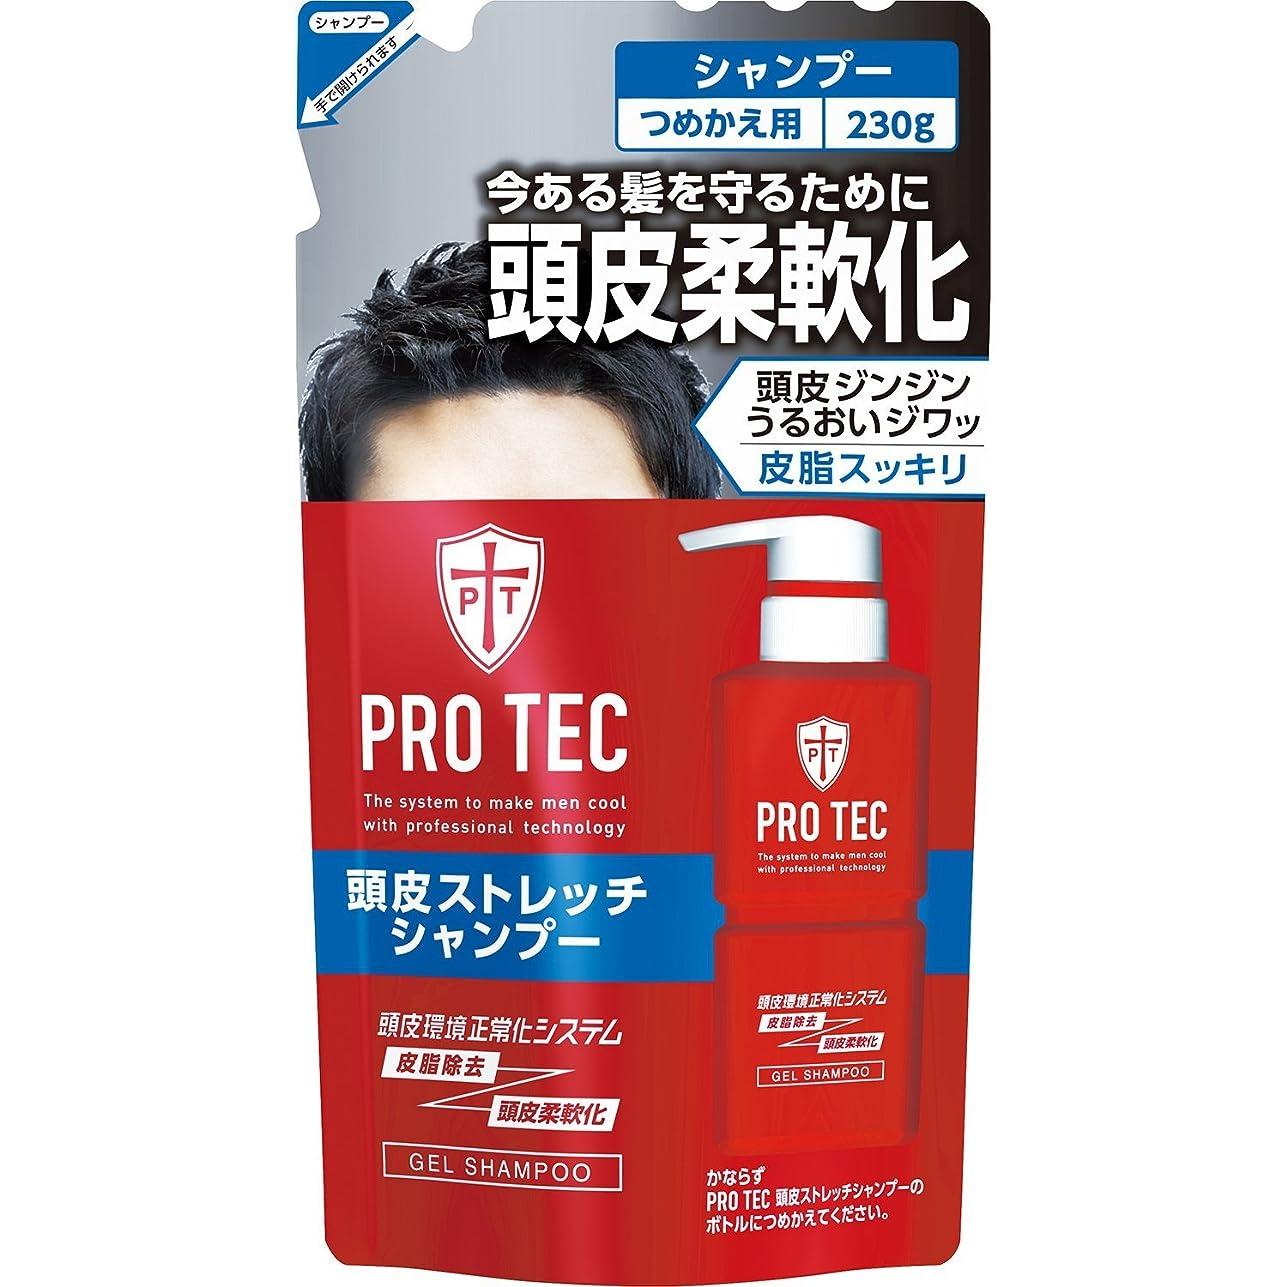 単なる吐く責めPRO TEC(プロテク) 頭皮ストレッチ シャンプー 詰め替え 230g(医薬部外品)